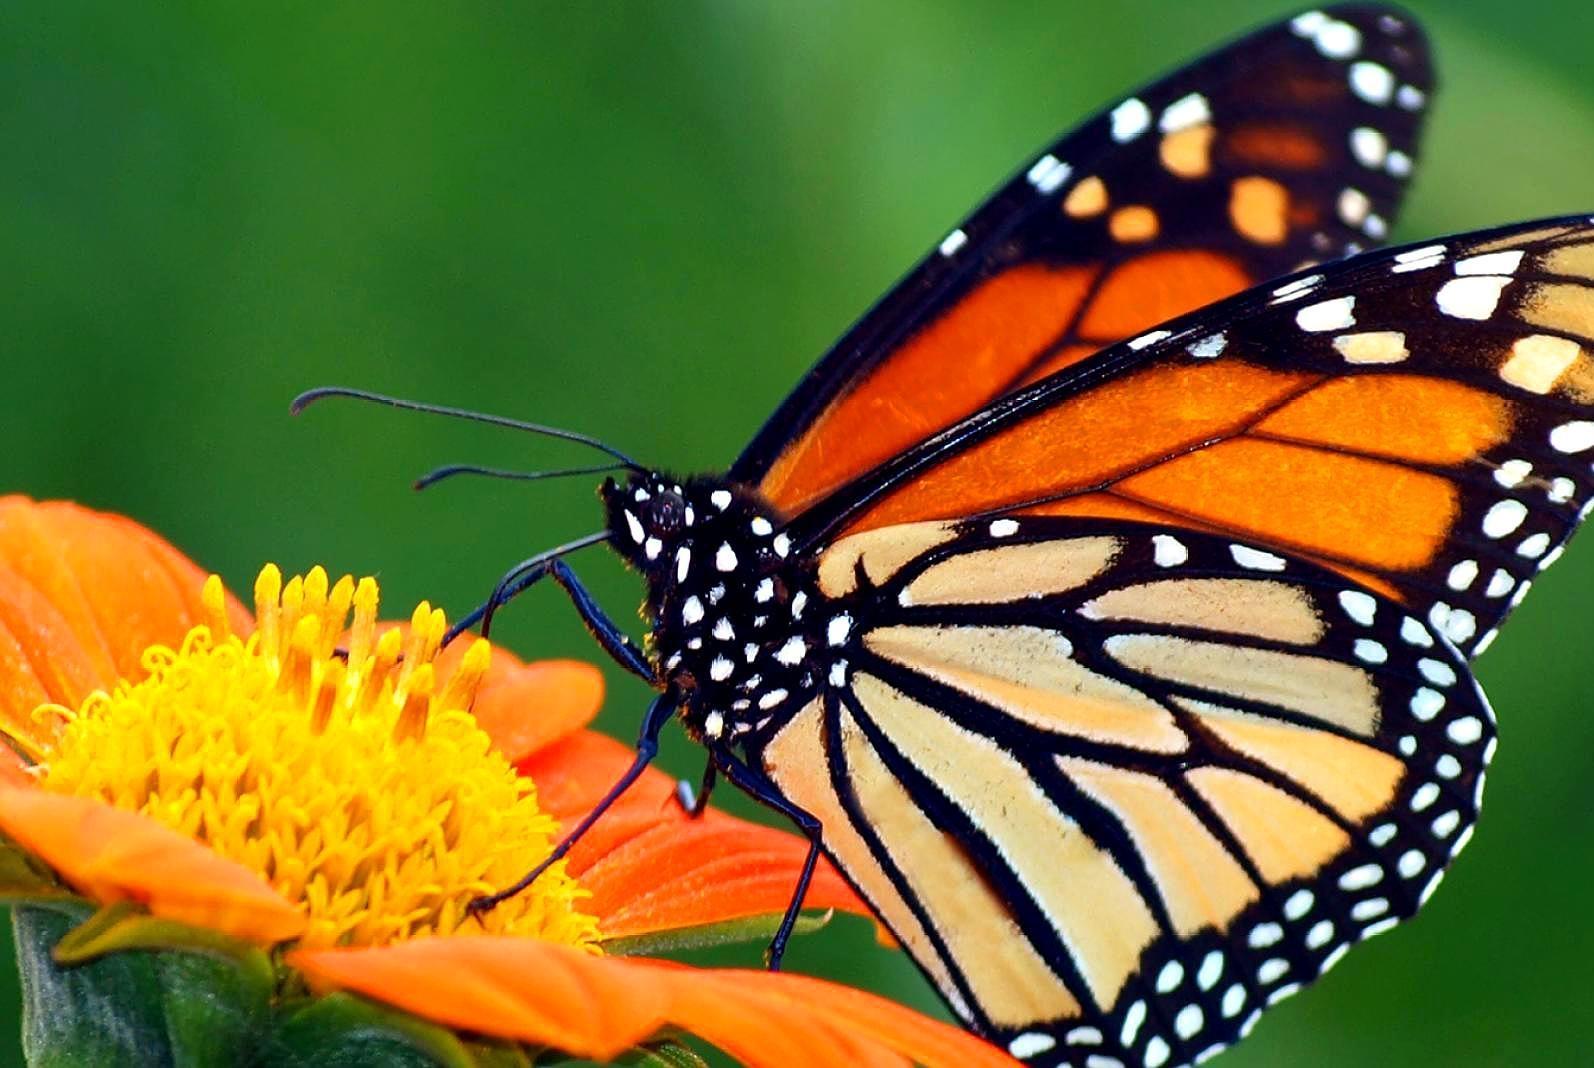 动物的蜕变,在生物学上有什么意义?科学家称为了适应其他食物